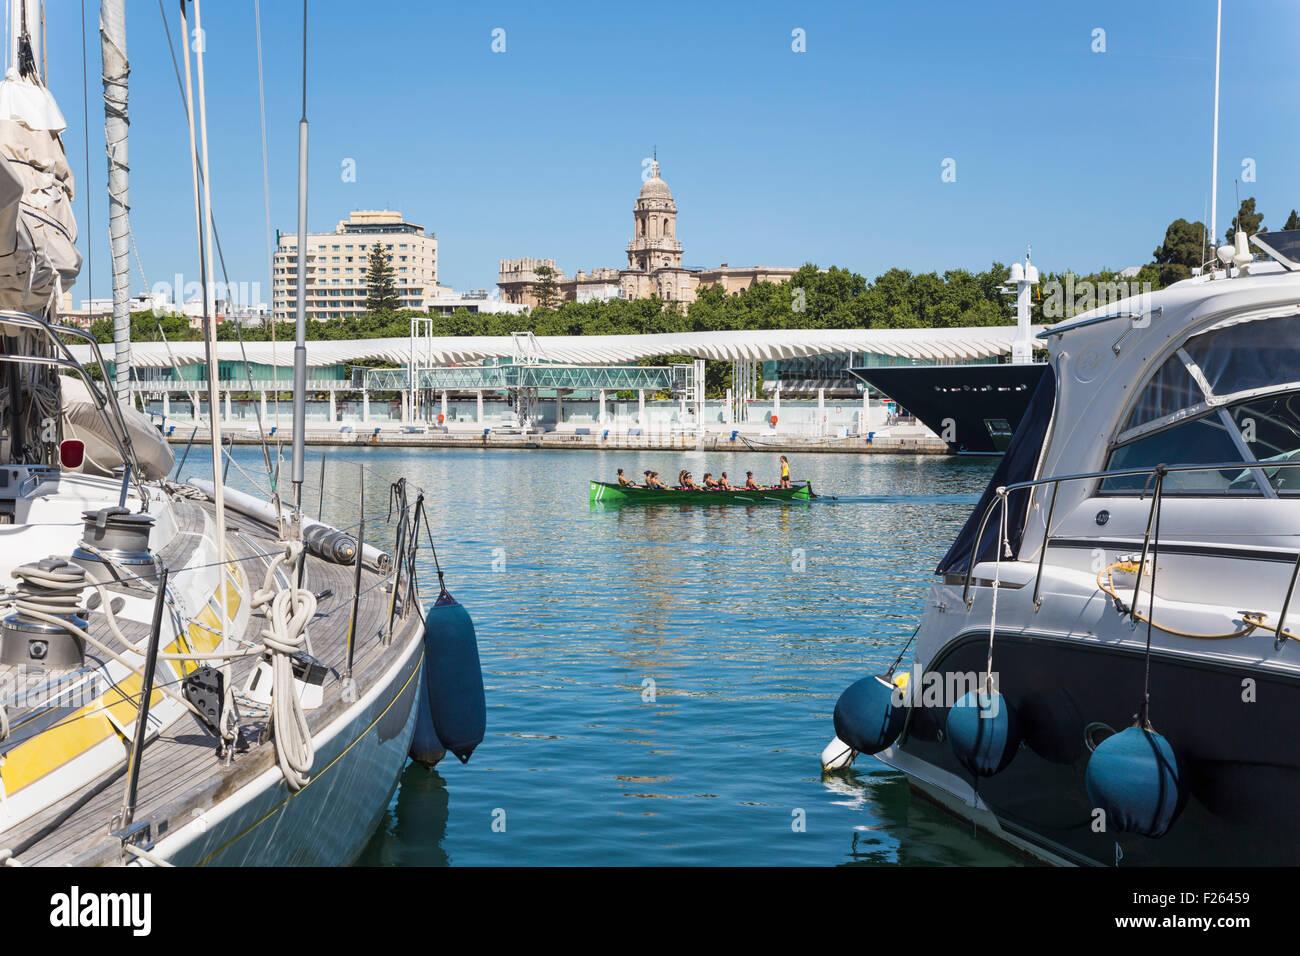 Malaga, provincia di Malaga, Costa del Sol, Andalusia, Spagna meridionale. Tutte le donne equipaggio barca a remi Immagini Stock